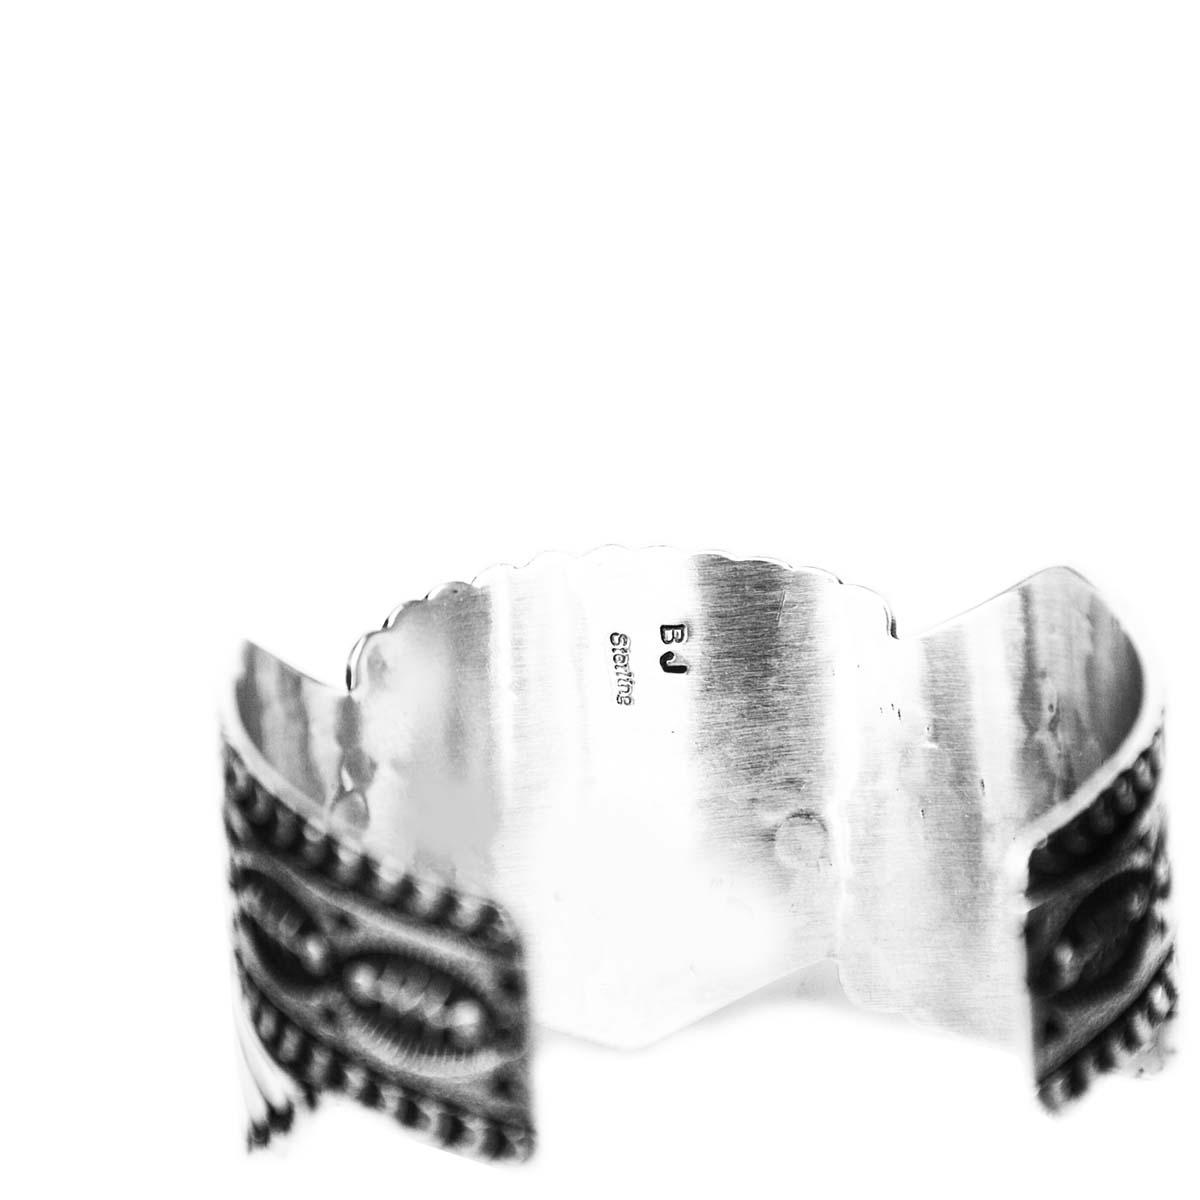 画像4: ターコイズ&スターリングシルバー ハンドメイド ブレスレット/Navajo Sterling Silver Bracelet